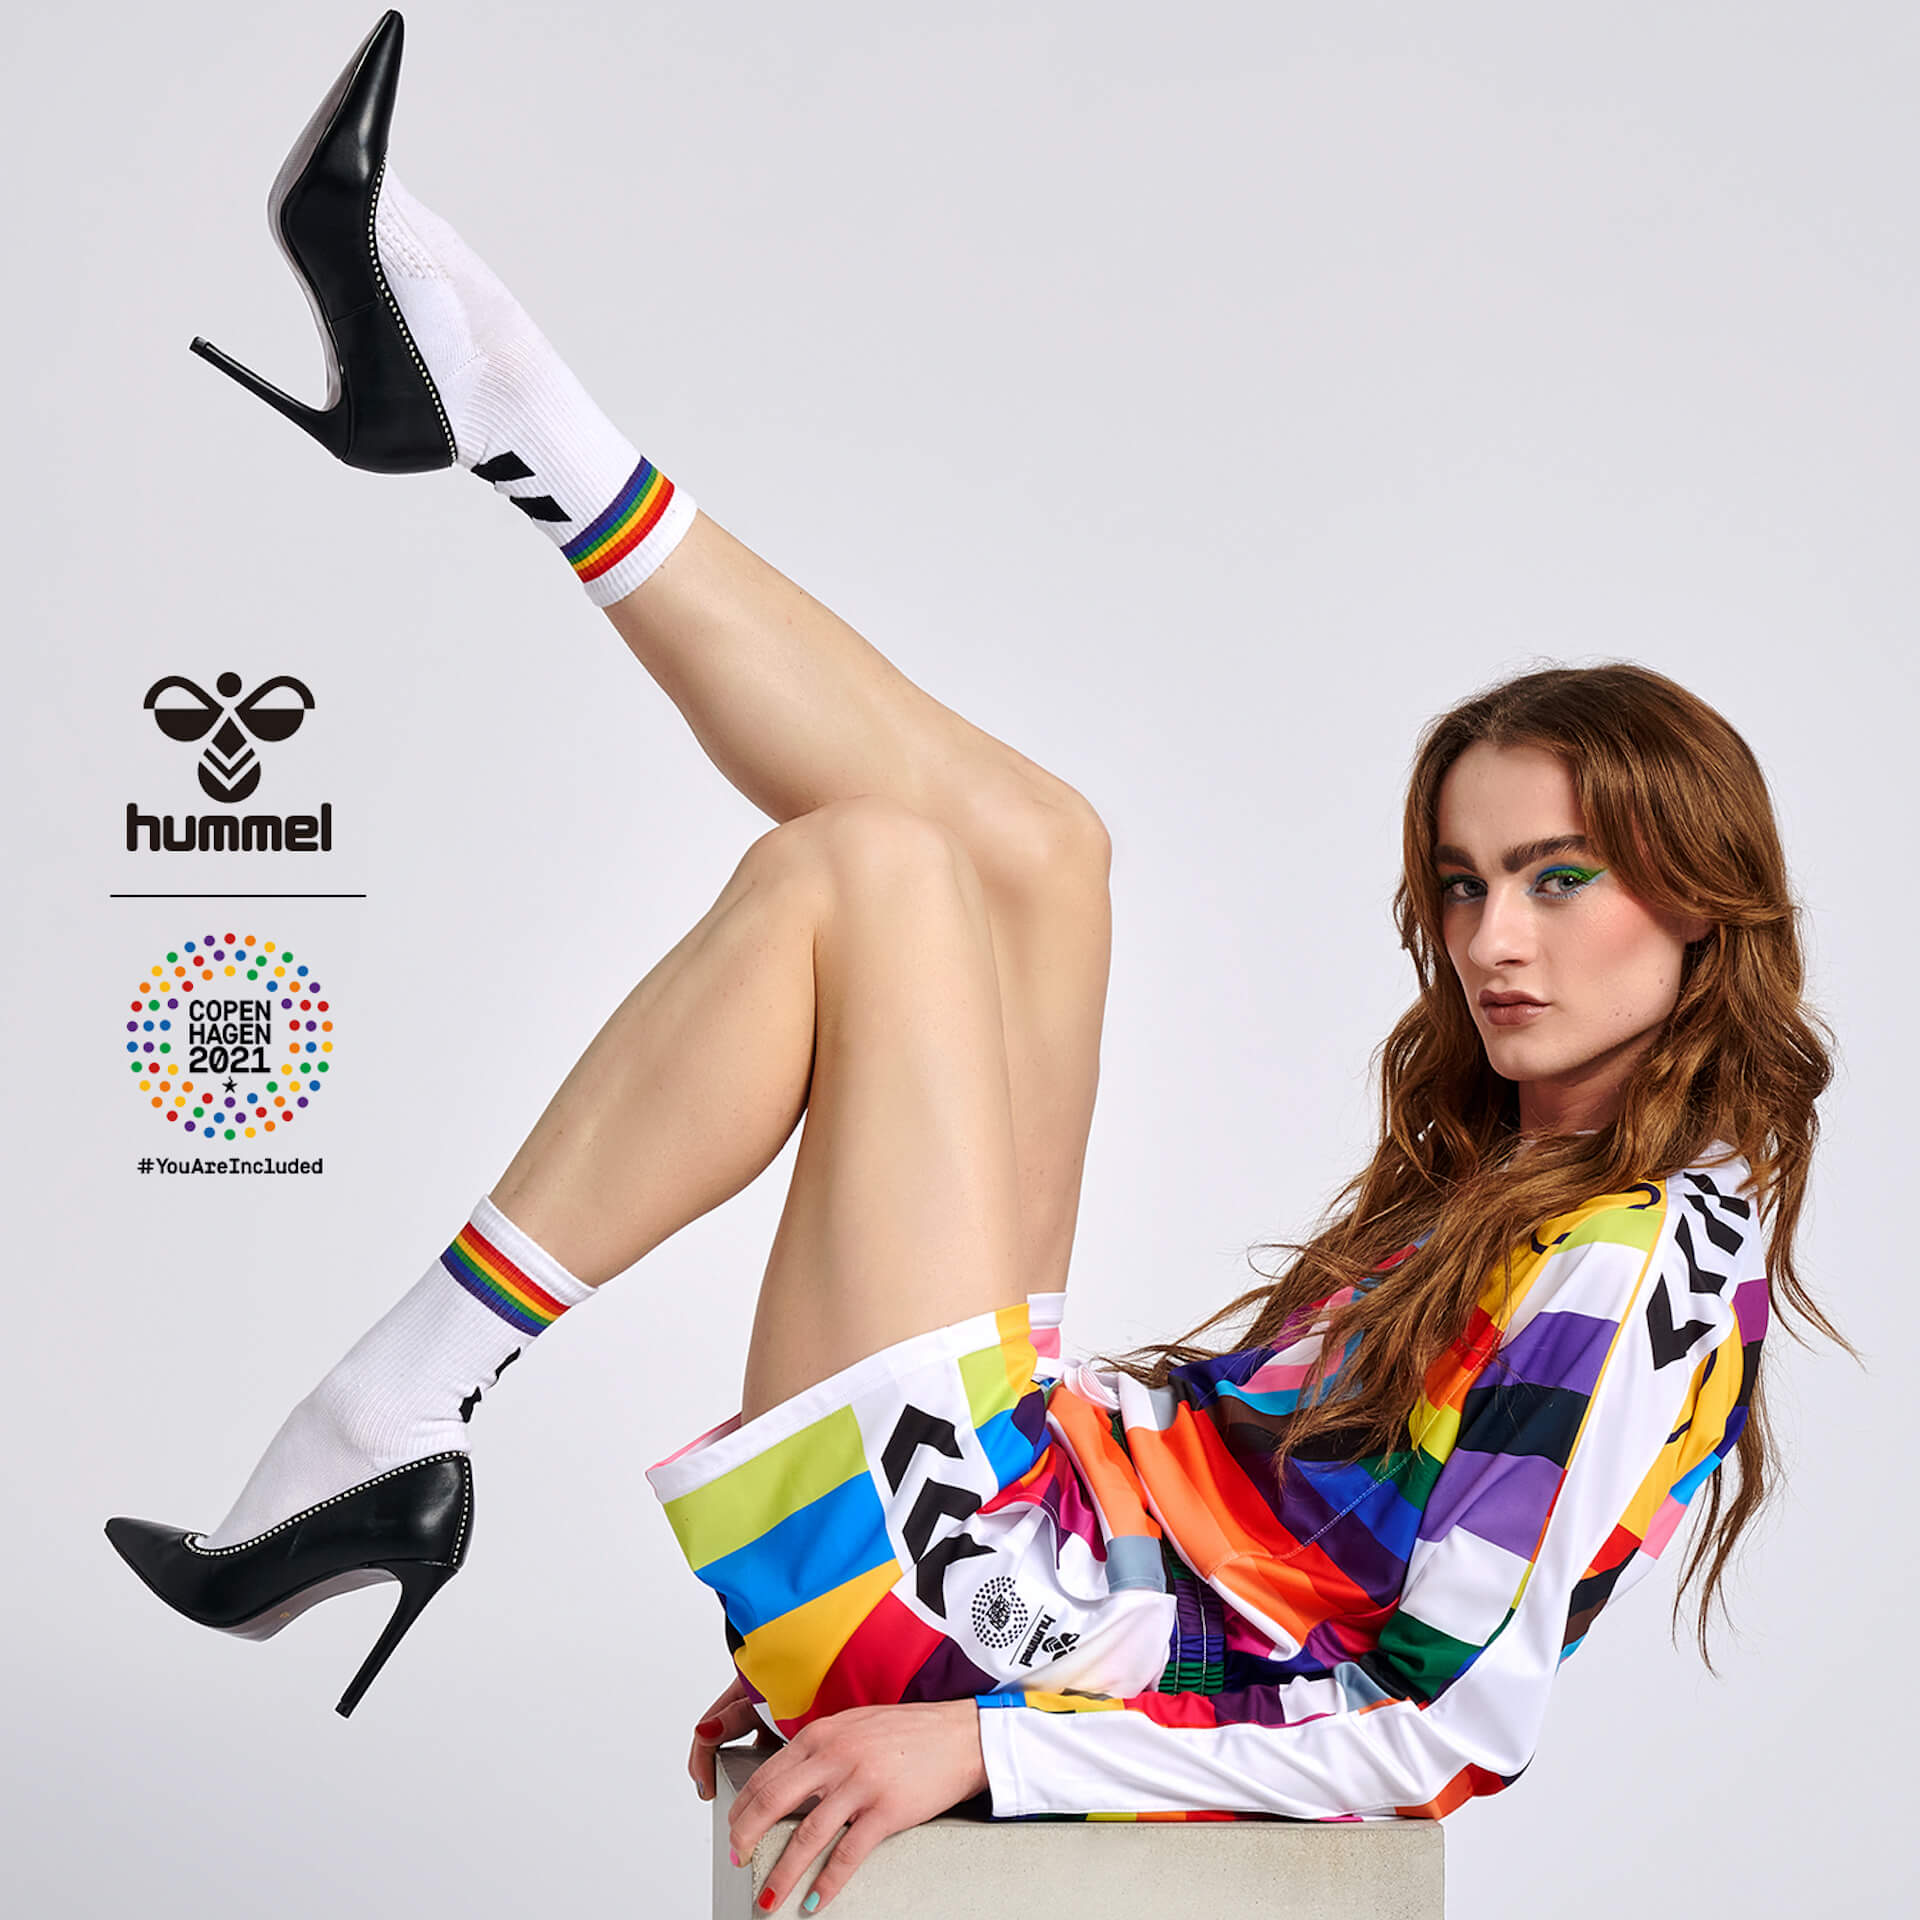 多様性を祝福する「ヒュンメル×コペンハーゲン 2021」コラボグッズが限定発売! Fashion_210706_hummel11